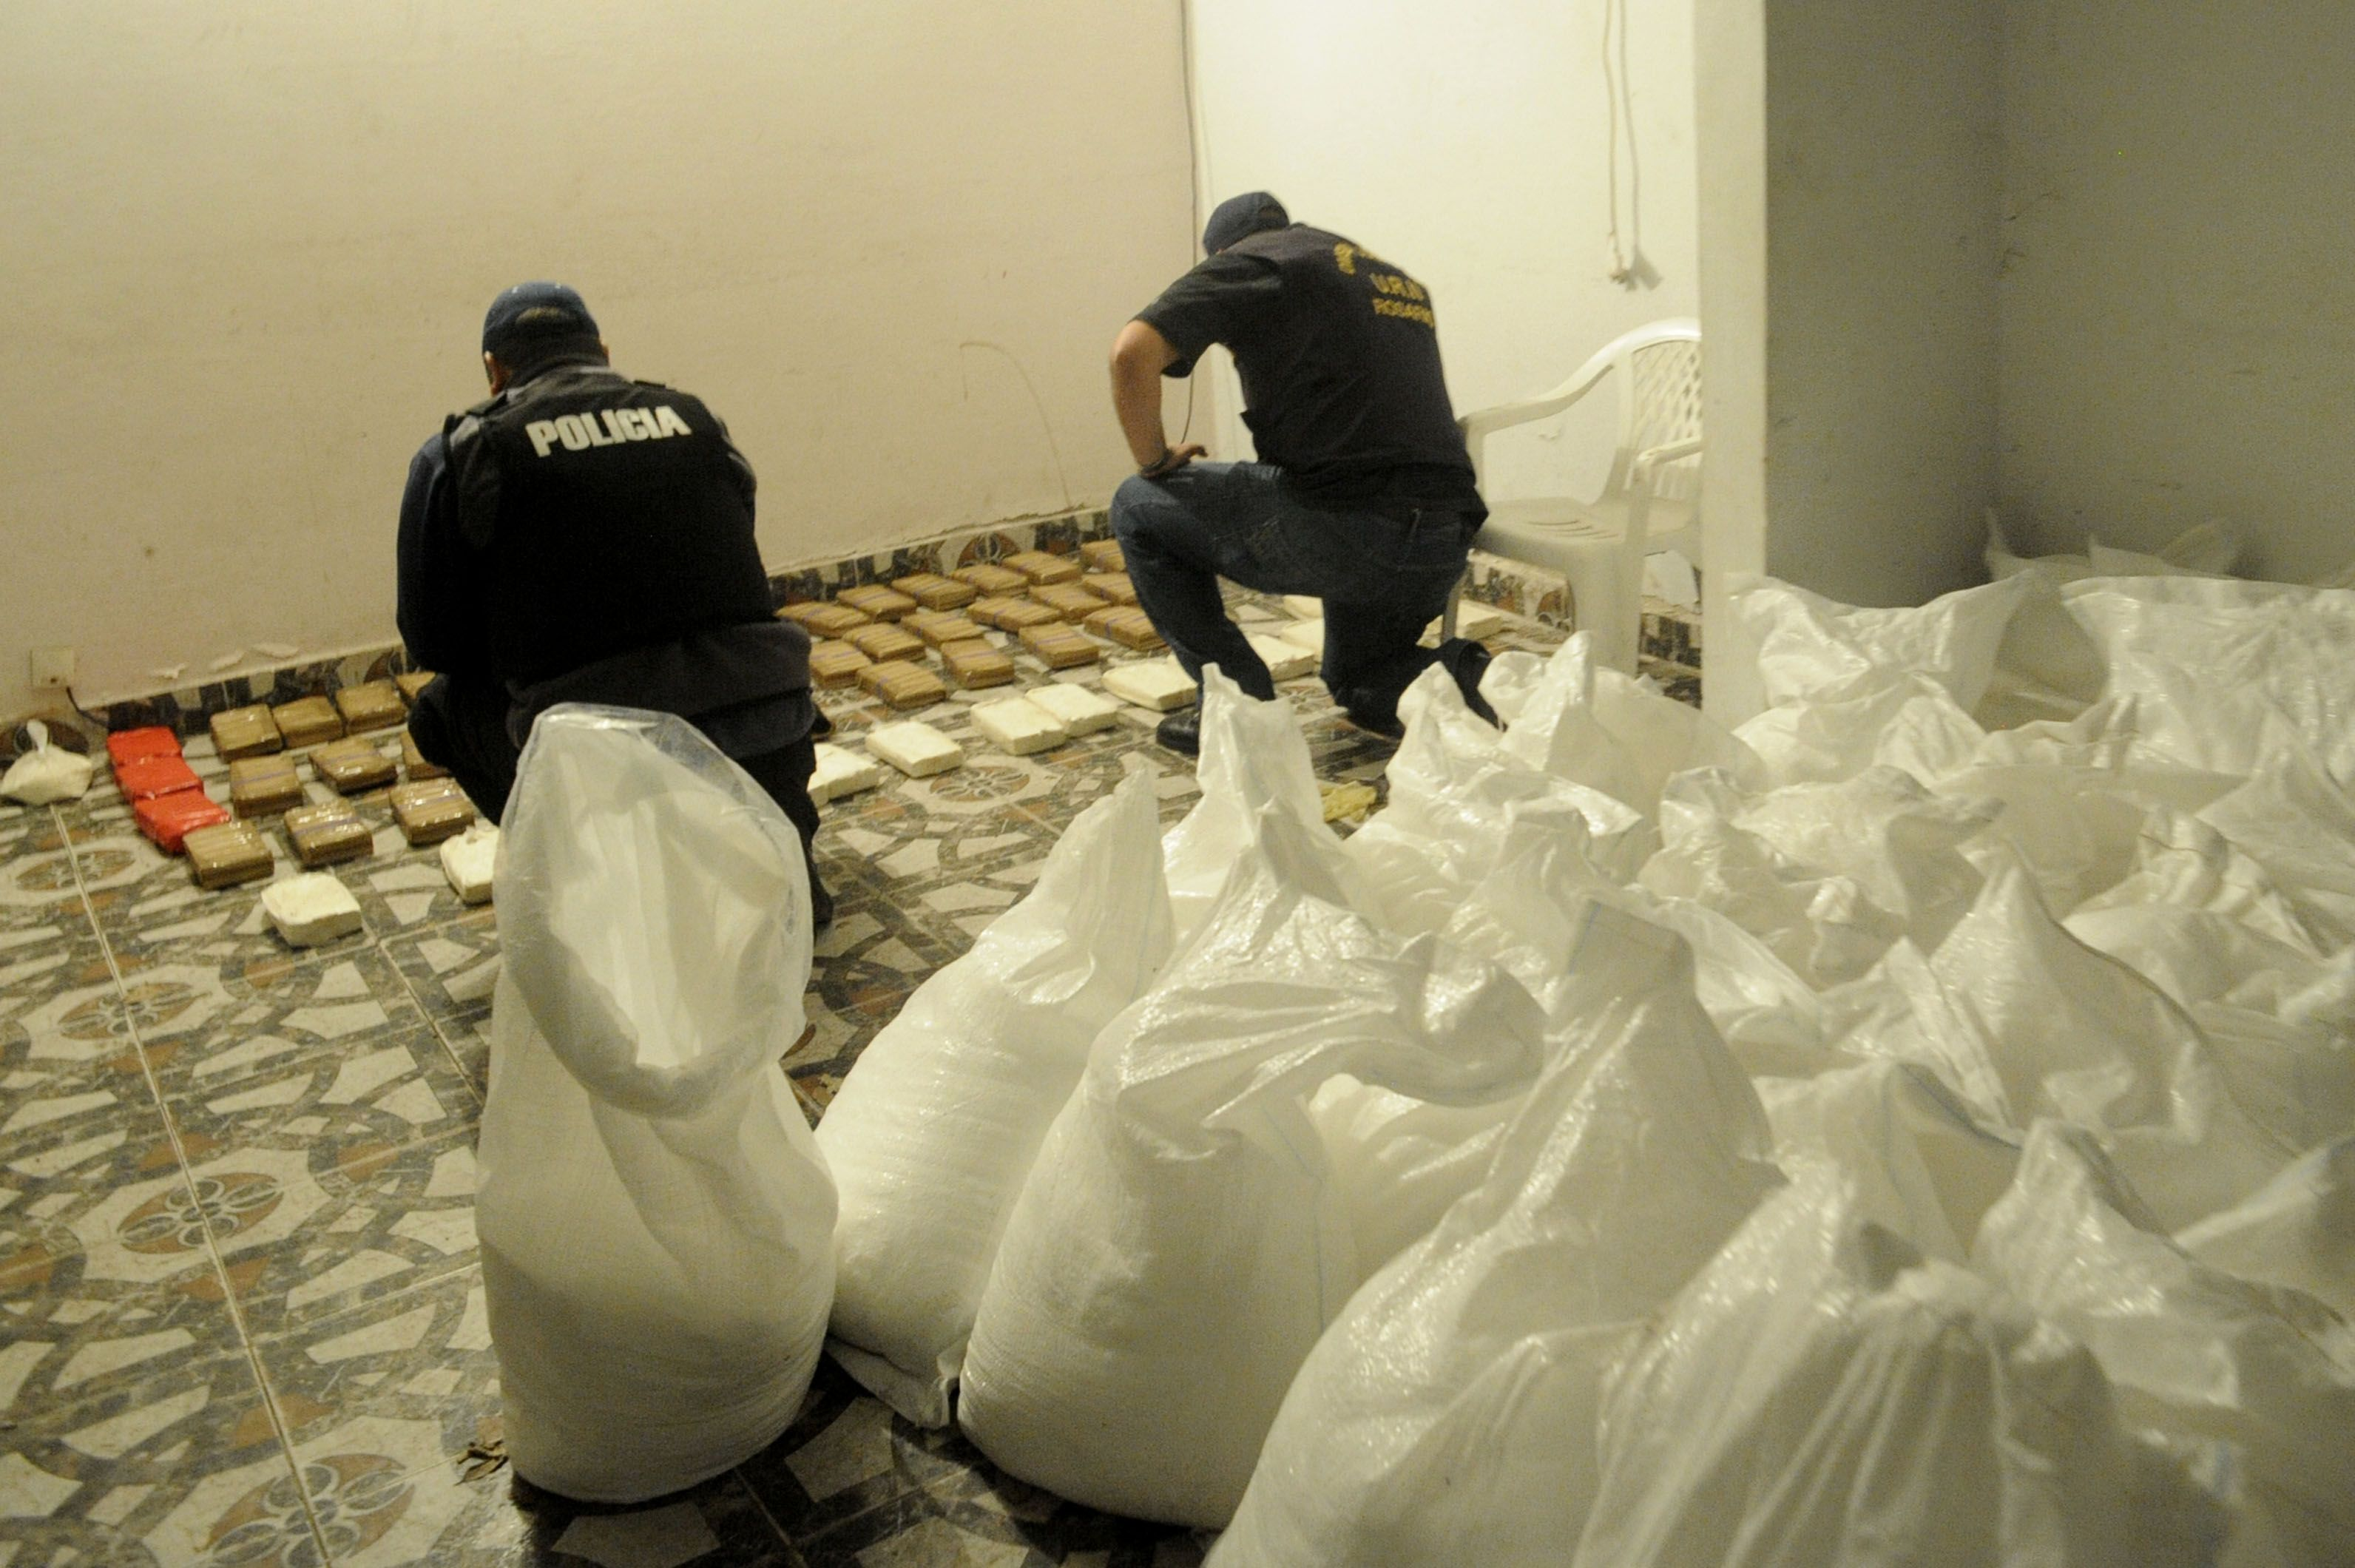 Operativo antidroga llevado a cabo en una casa de Funes. (Foto: archivo)